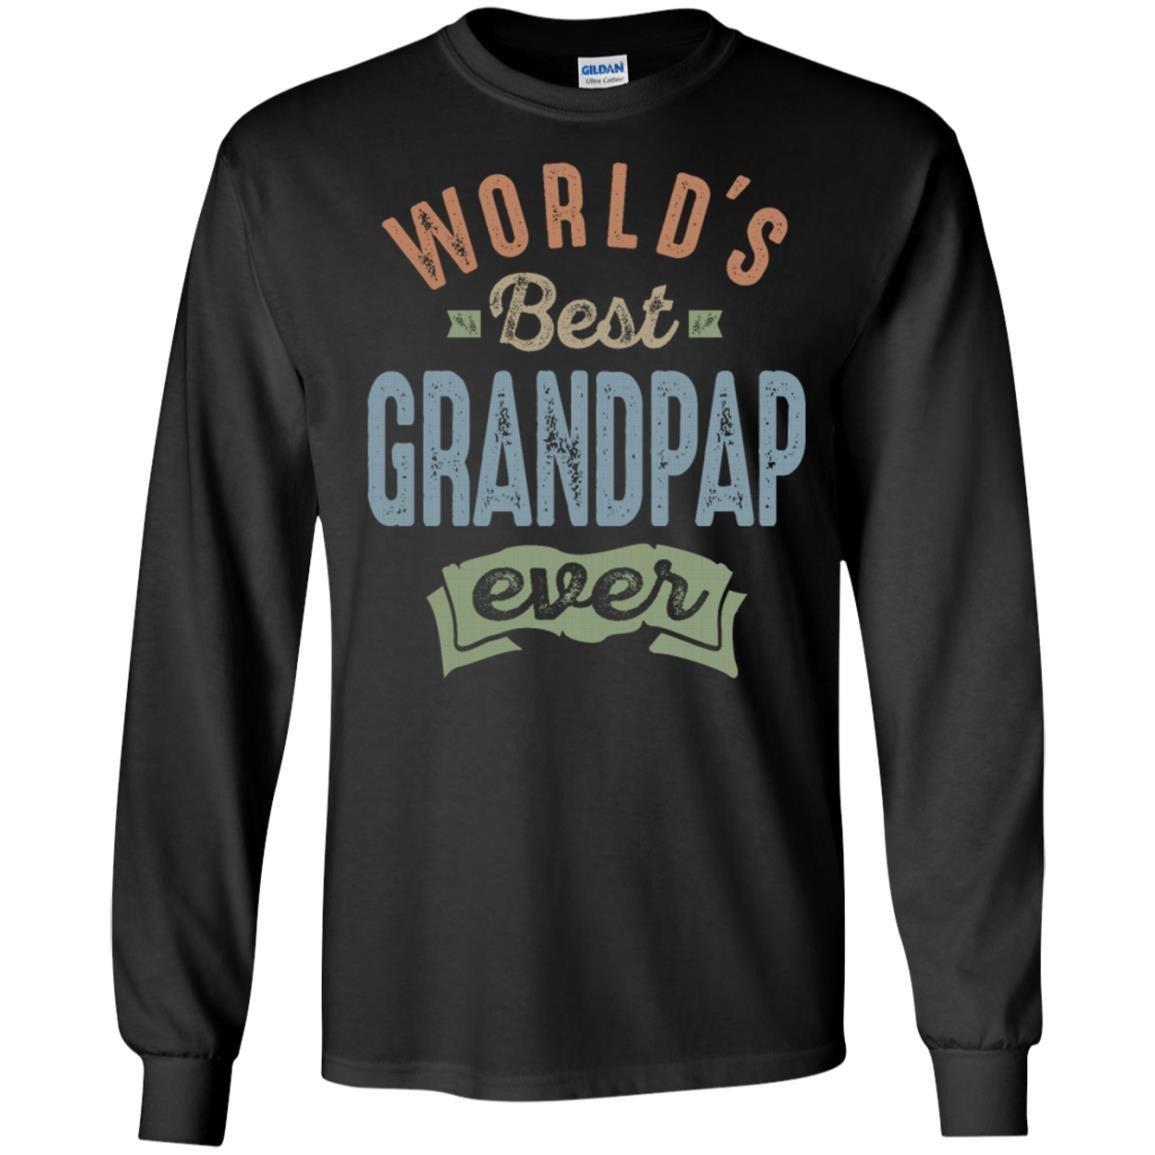 World S Best Grandpap T-Shirt Long Sleeve 240